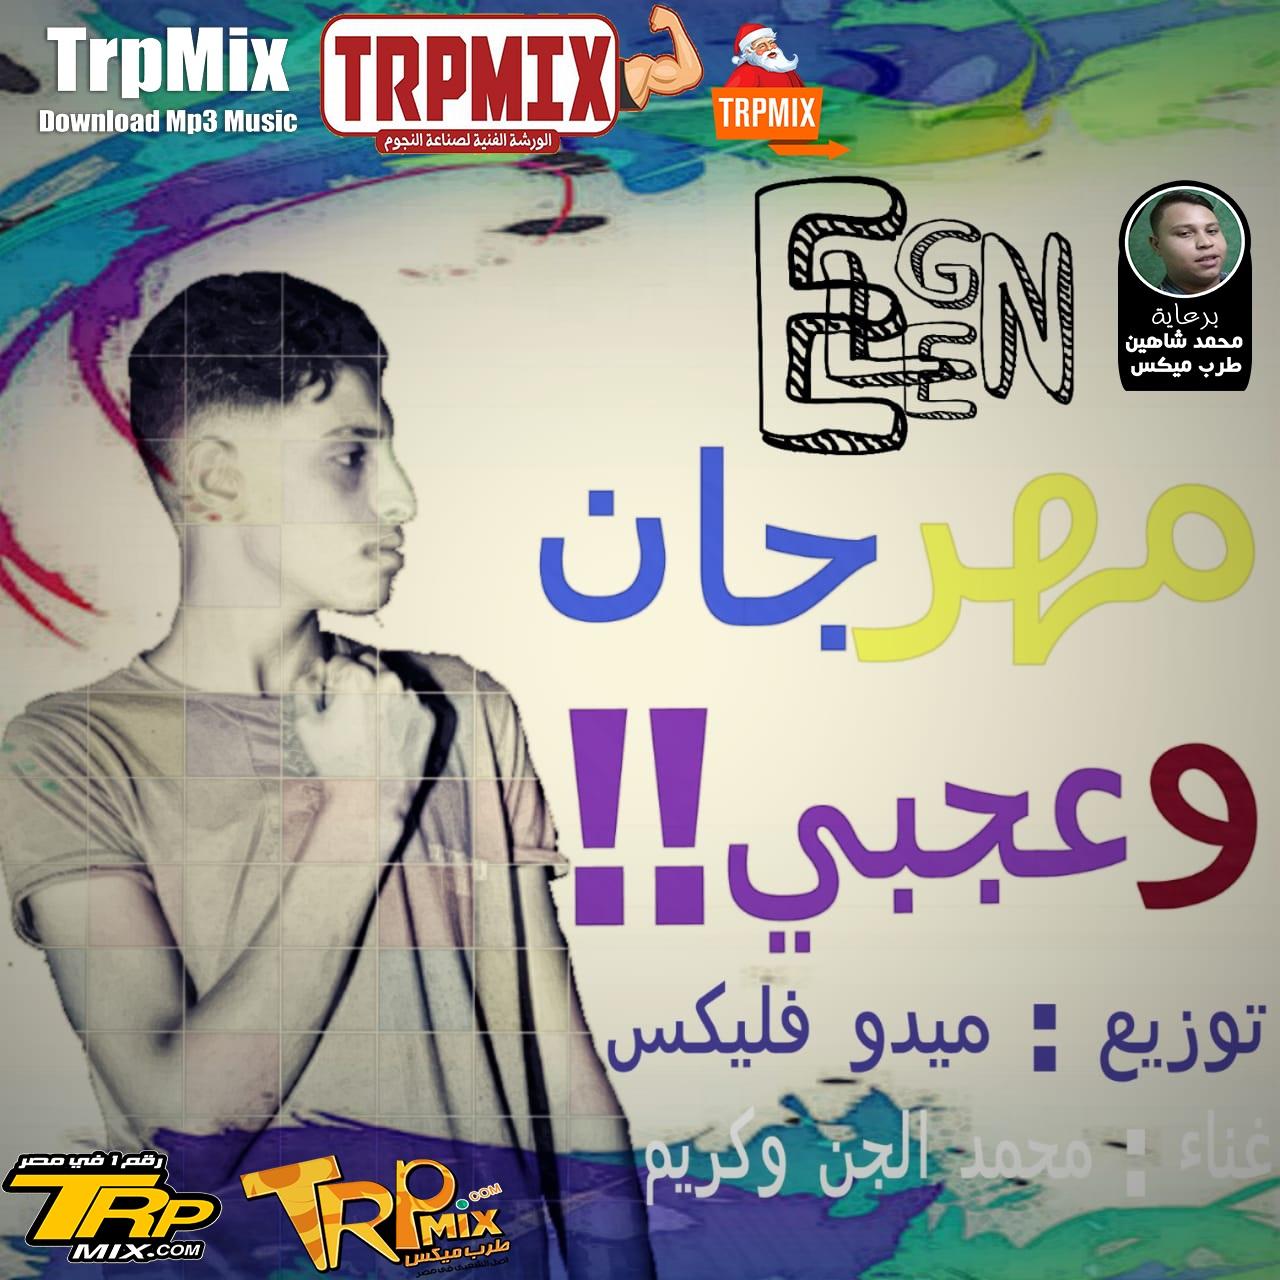 مهرجان وعجبي غناء محمد الجن وكريم توزيع ميدو فليكس برعايه طرب ميكس